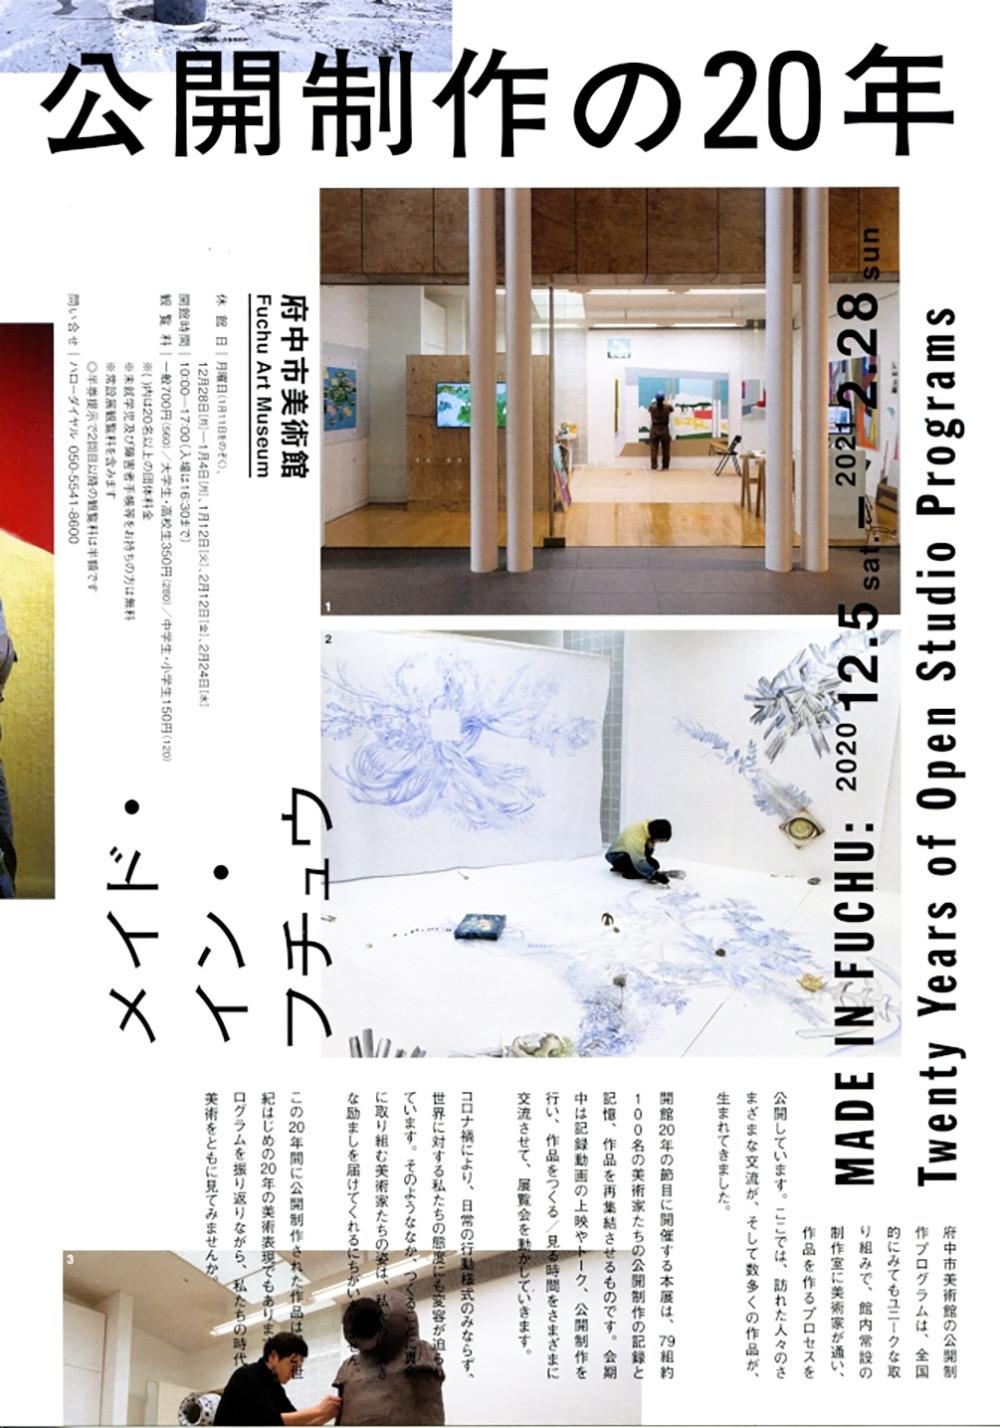 12张优质的日本展览海报设计